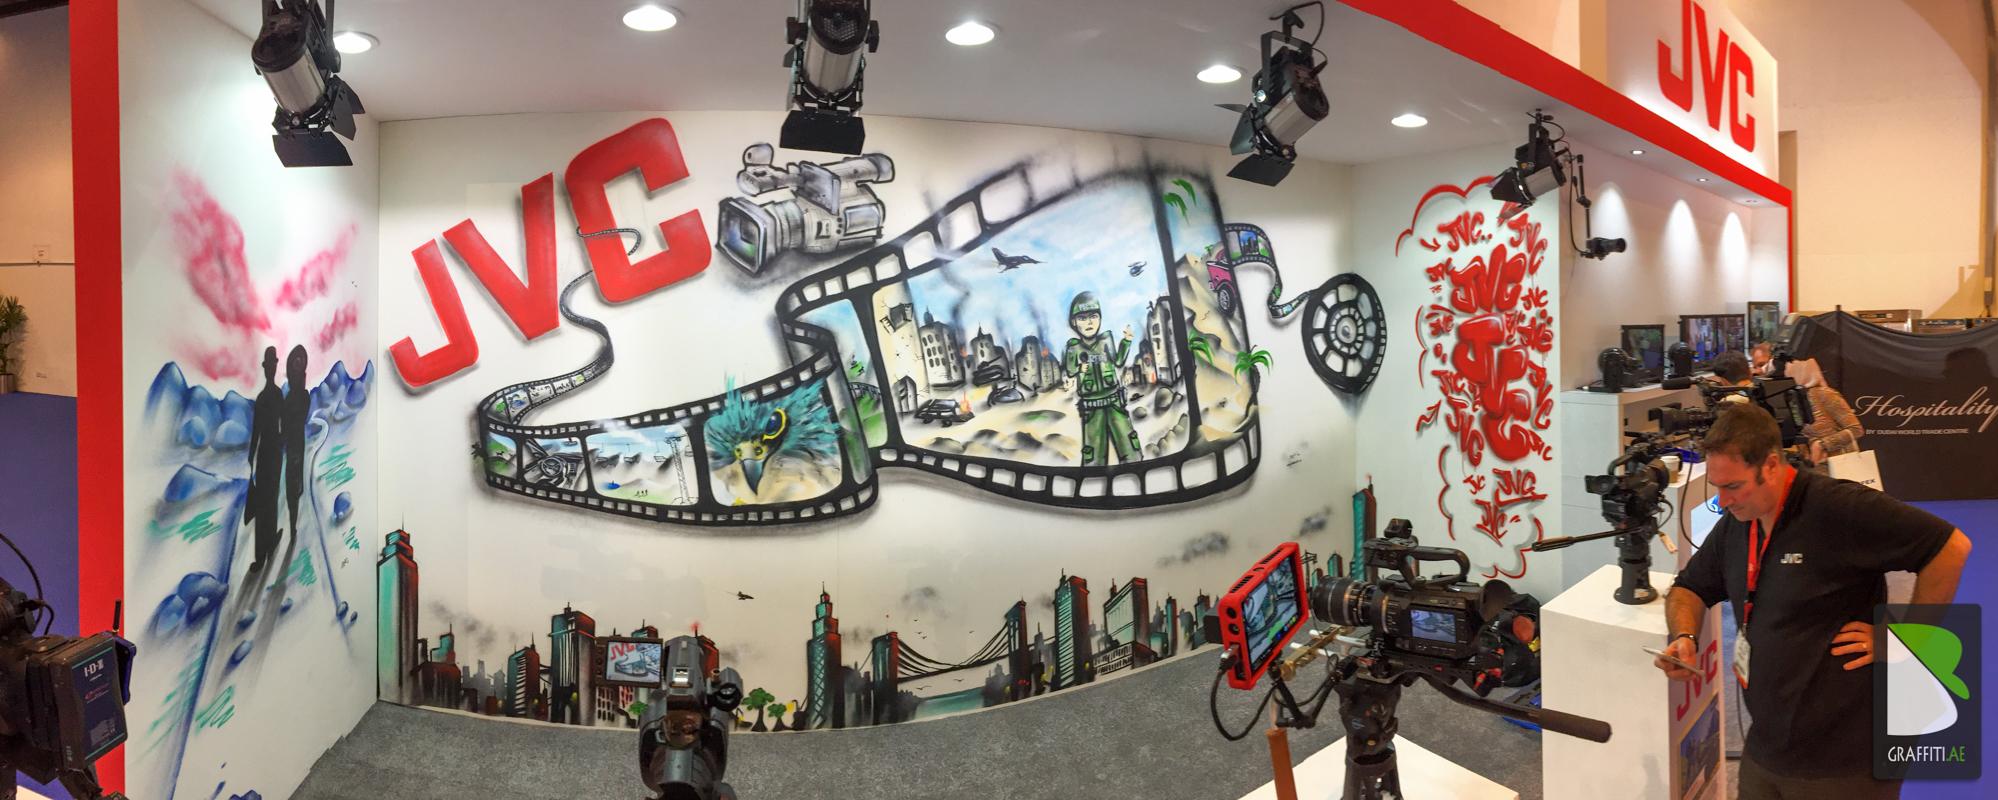 Graffiti wall uae - Jvc Live Painting Artist Graffiti Dubai Uae 5